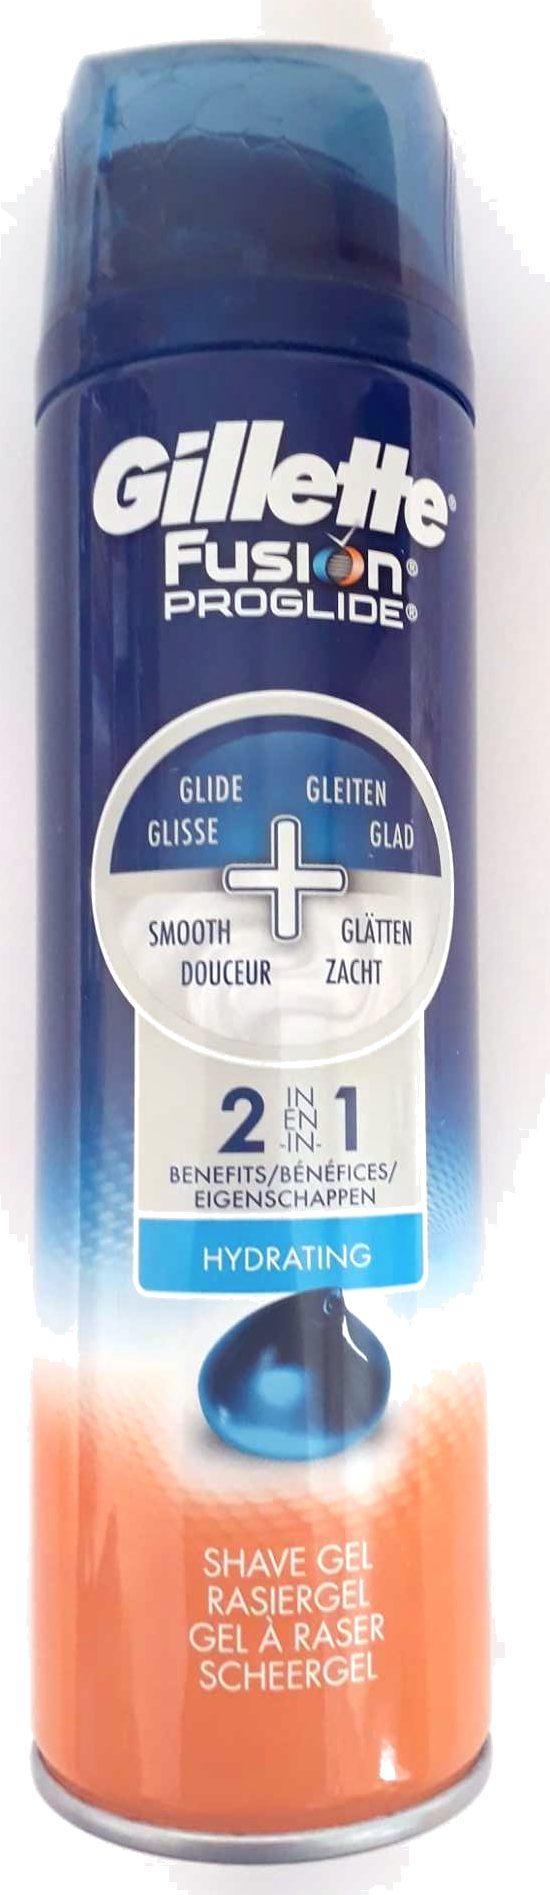 Gillette Fusion Proglide - Produit - fr